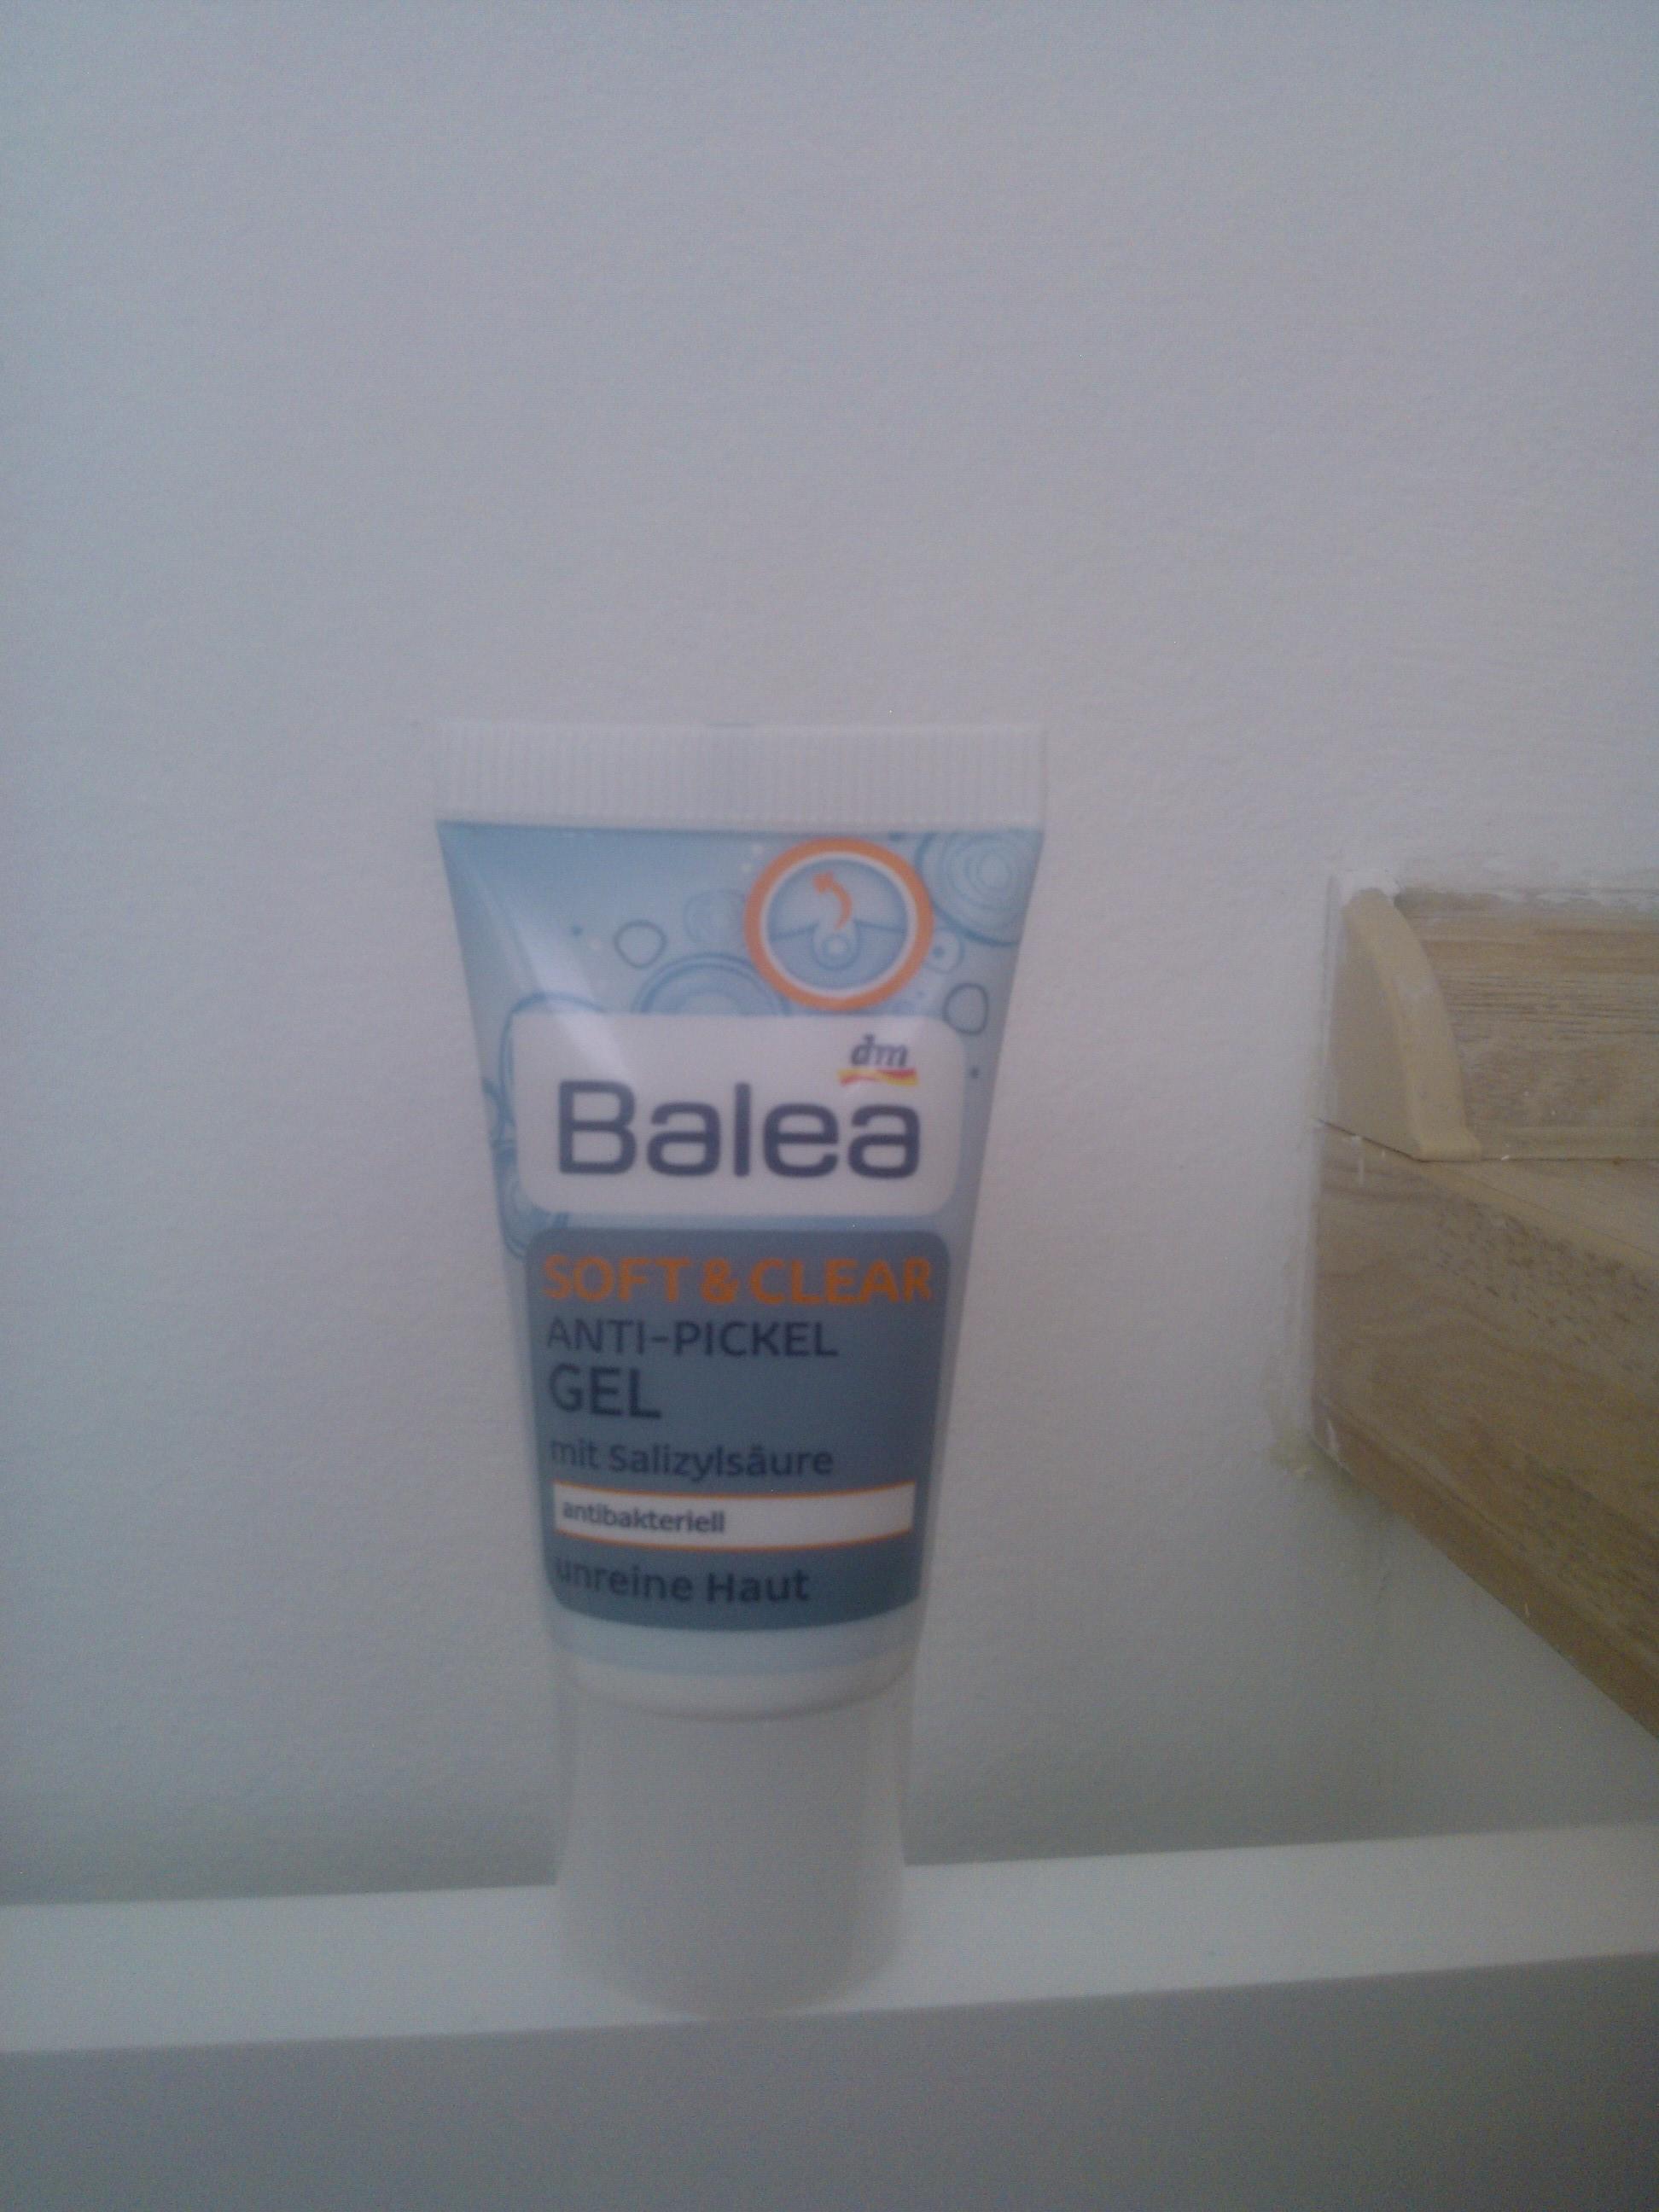 Ako všetky Balea prípravky, kúpite v DMke, stojí asi 1,20.